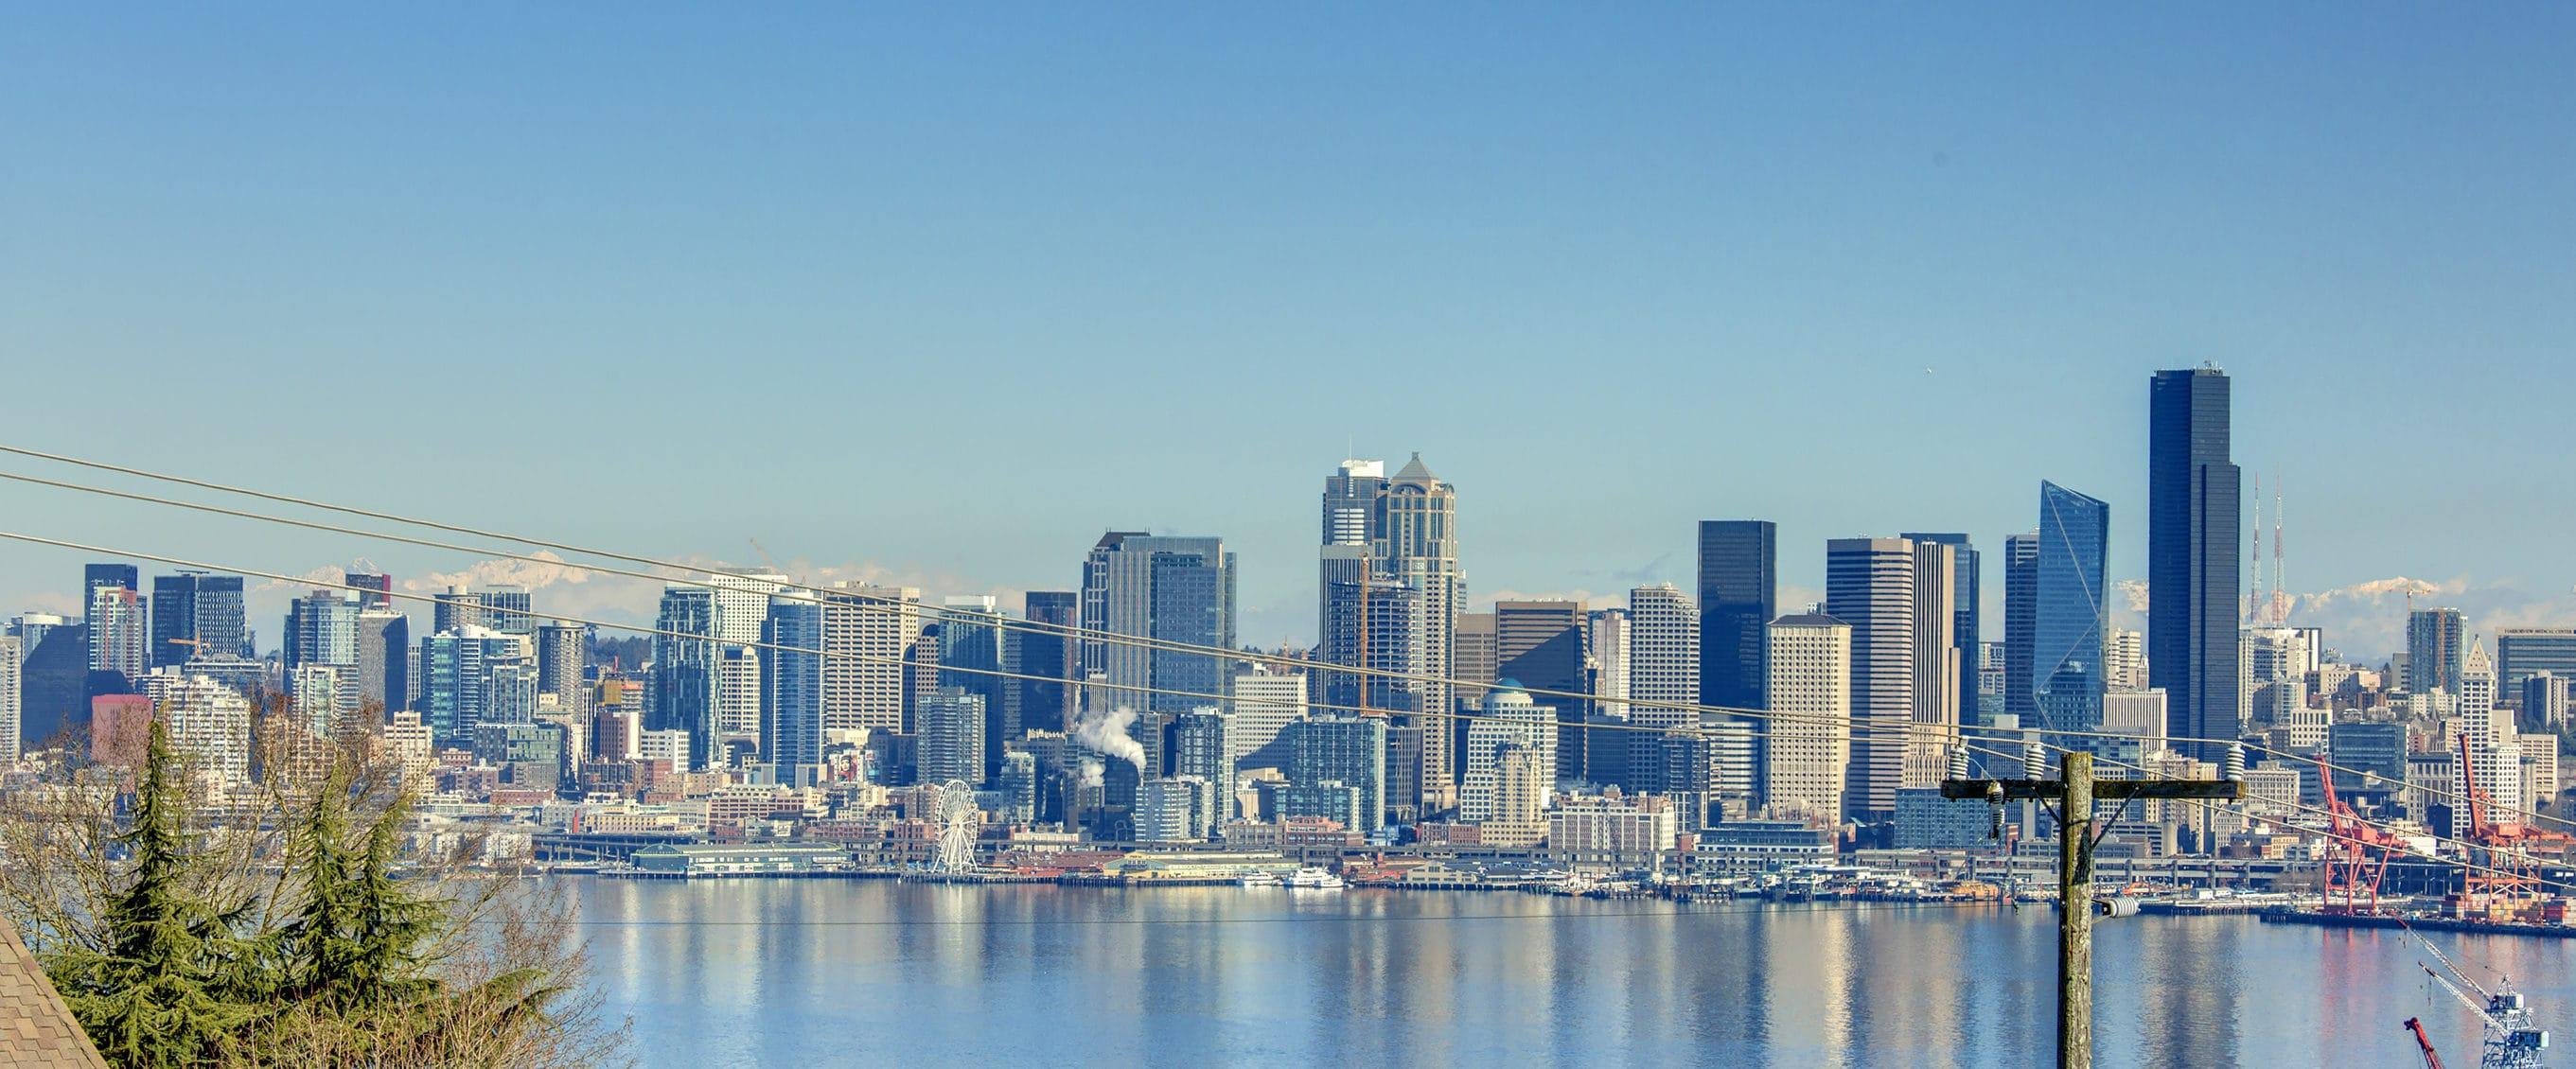 West Seattle Luxury Seattle City View